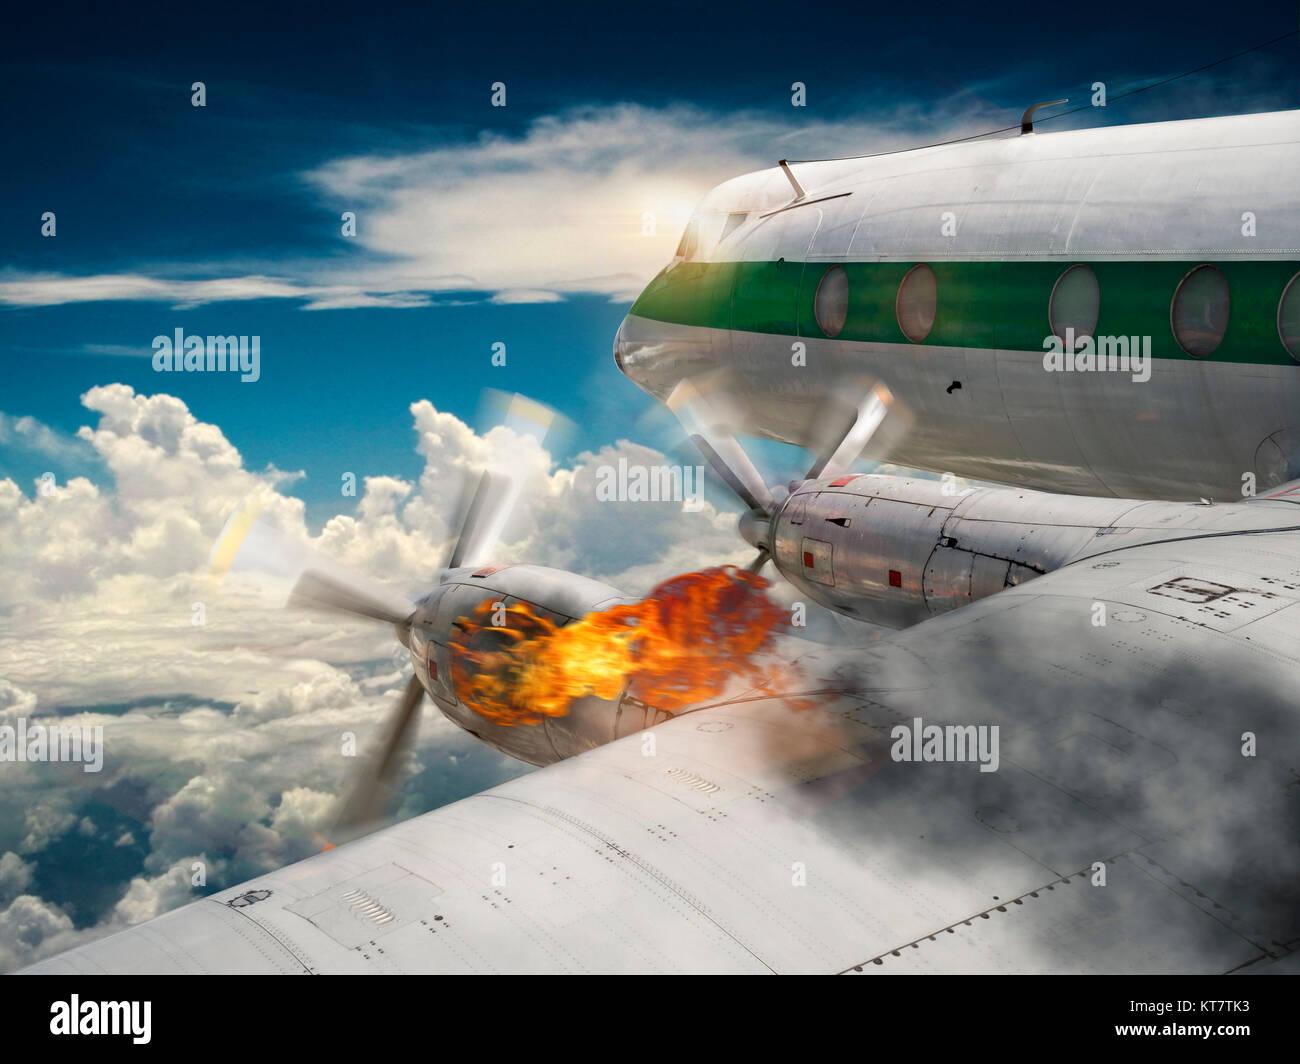 airplane with burning engine - Stock Image